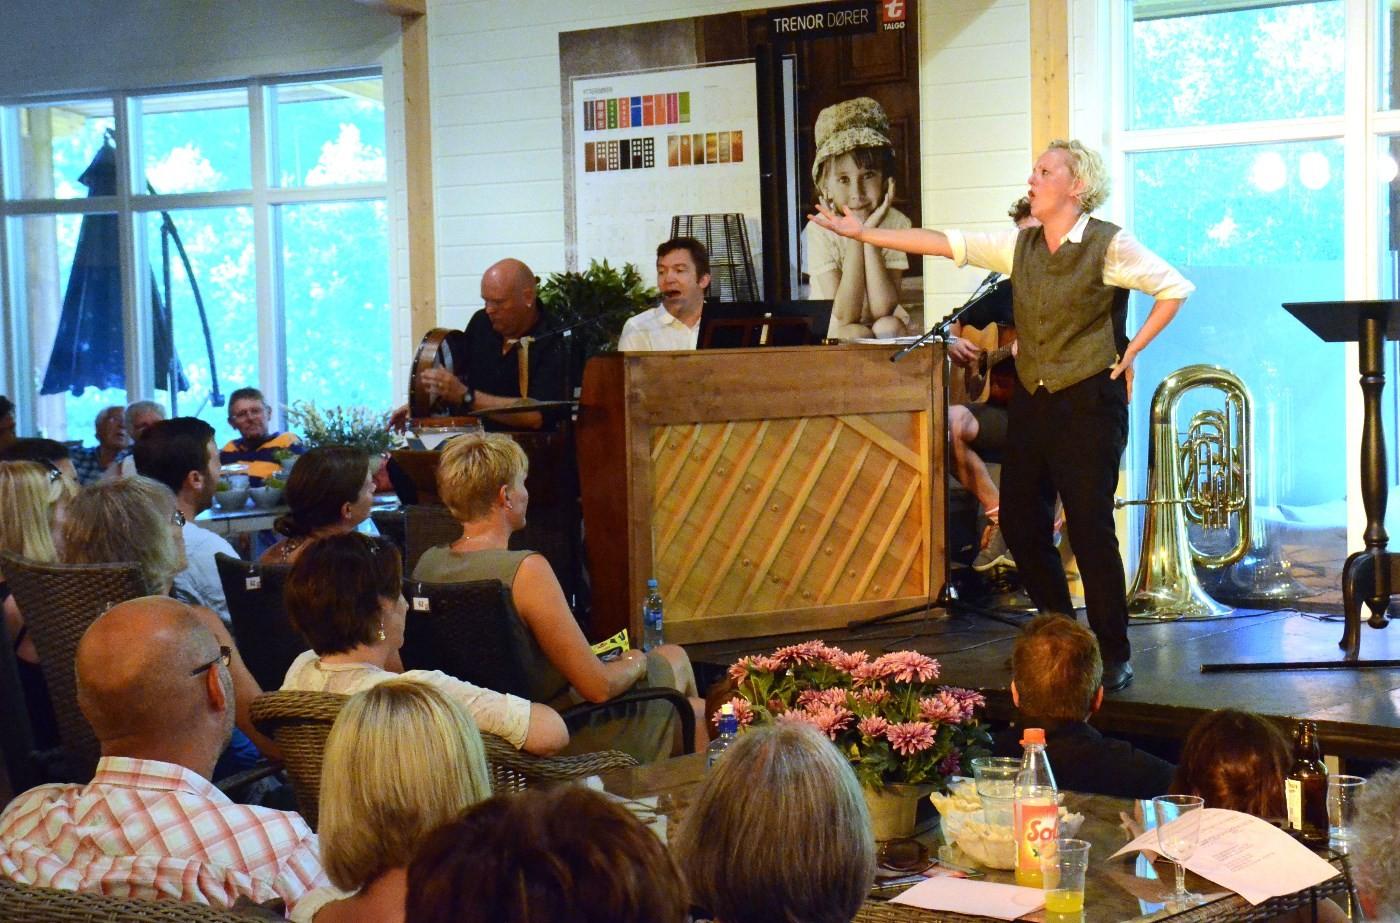 Marianne Meløy saman med musikarane Jo Inge Nes, Trygve Brøske og Erlend Smalås.  Foto: Jon Olav Ørsal